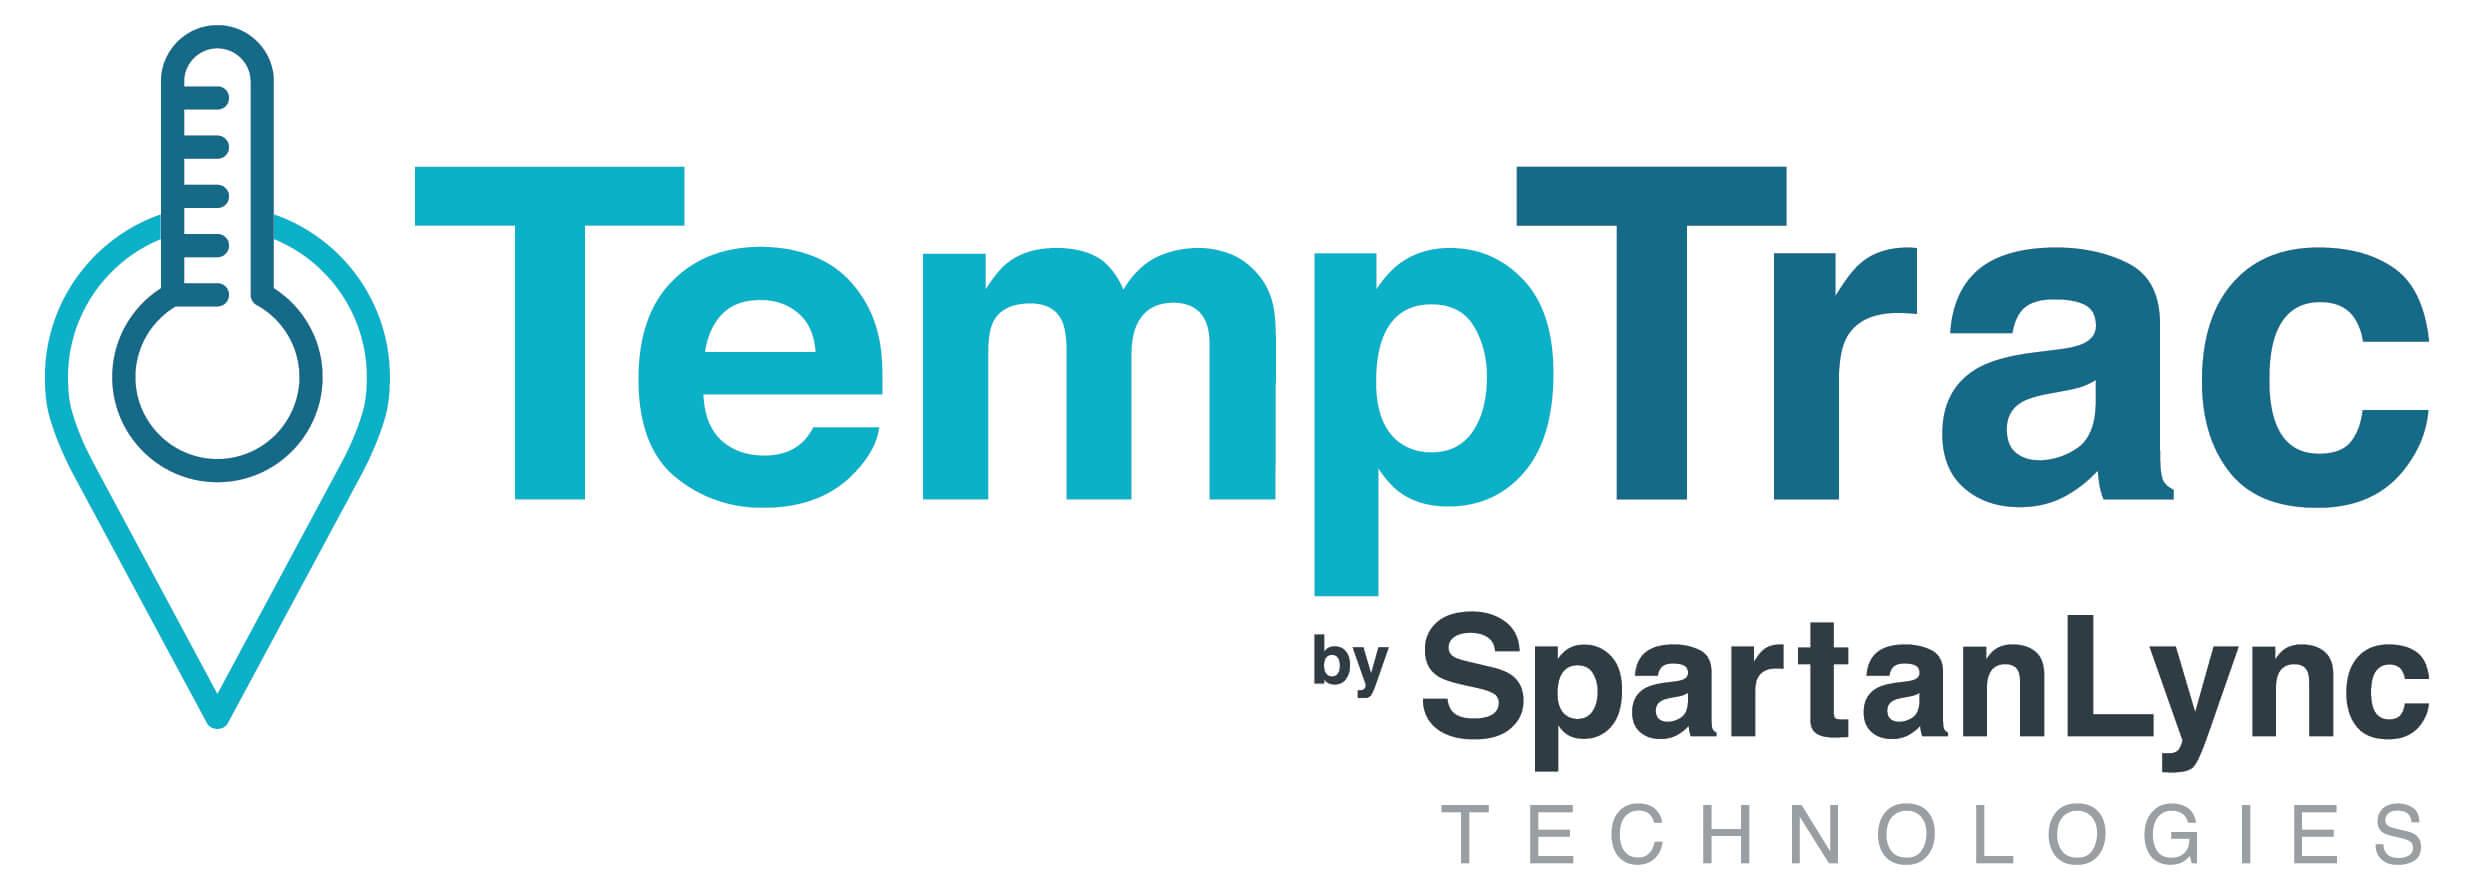 Temp Trac by SpartanLync Technologies Logo